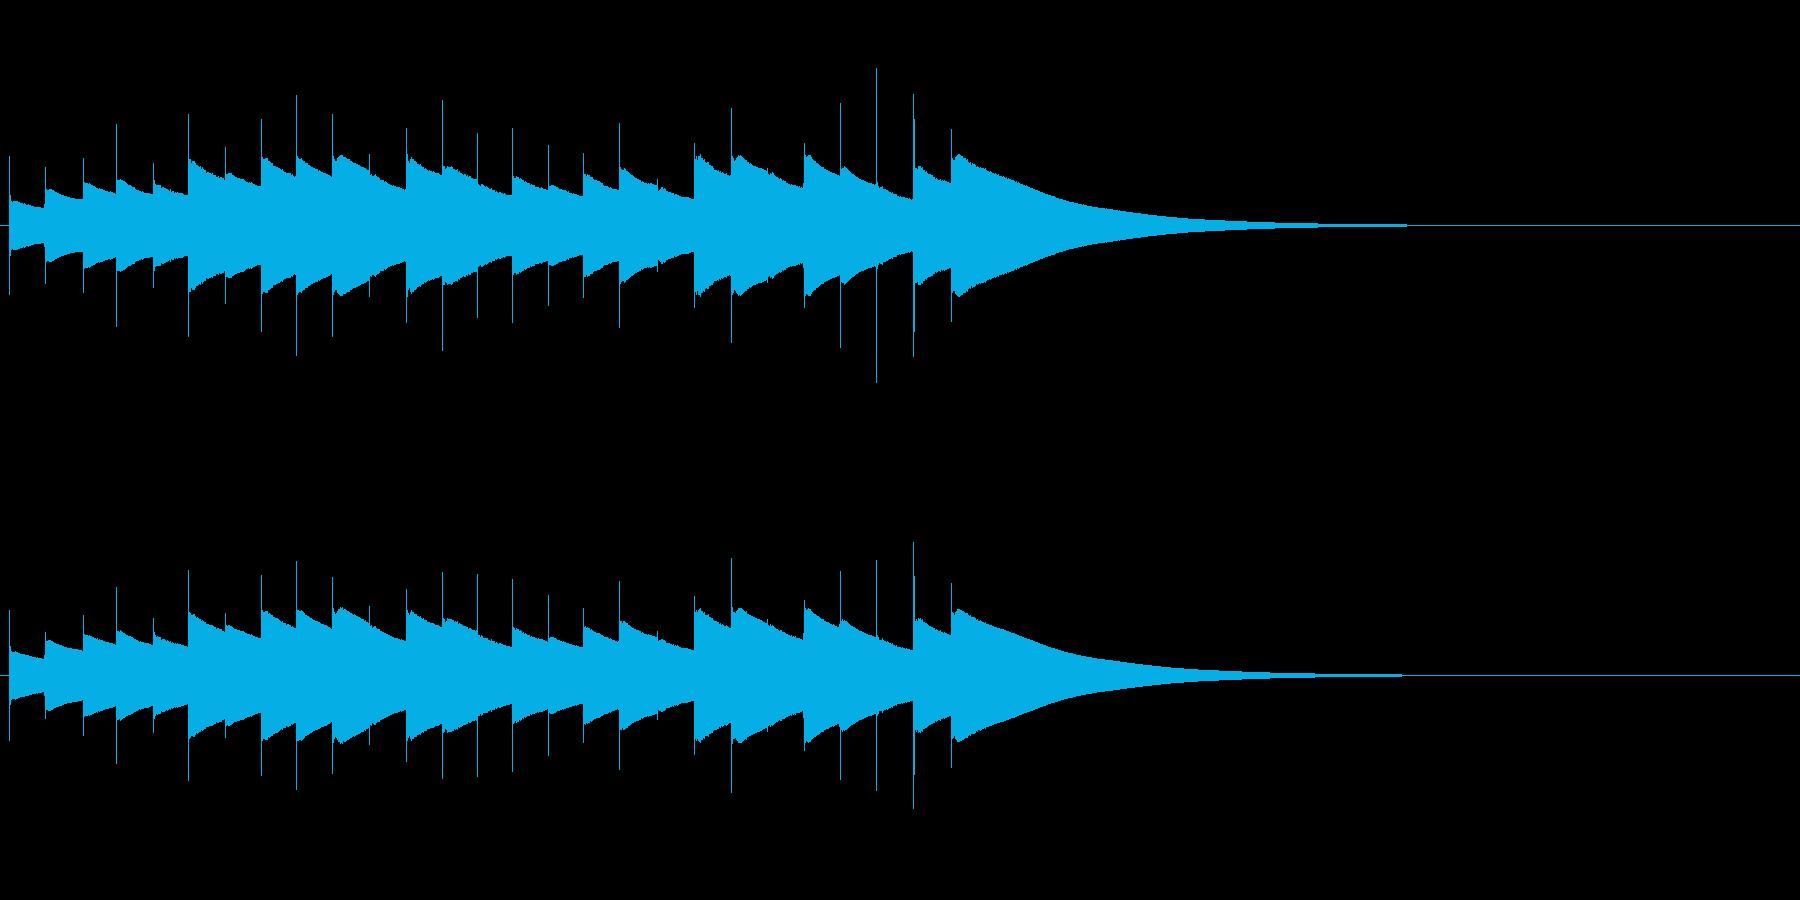 スモールヘビーブラスディナーゴング...の再生済みの波形